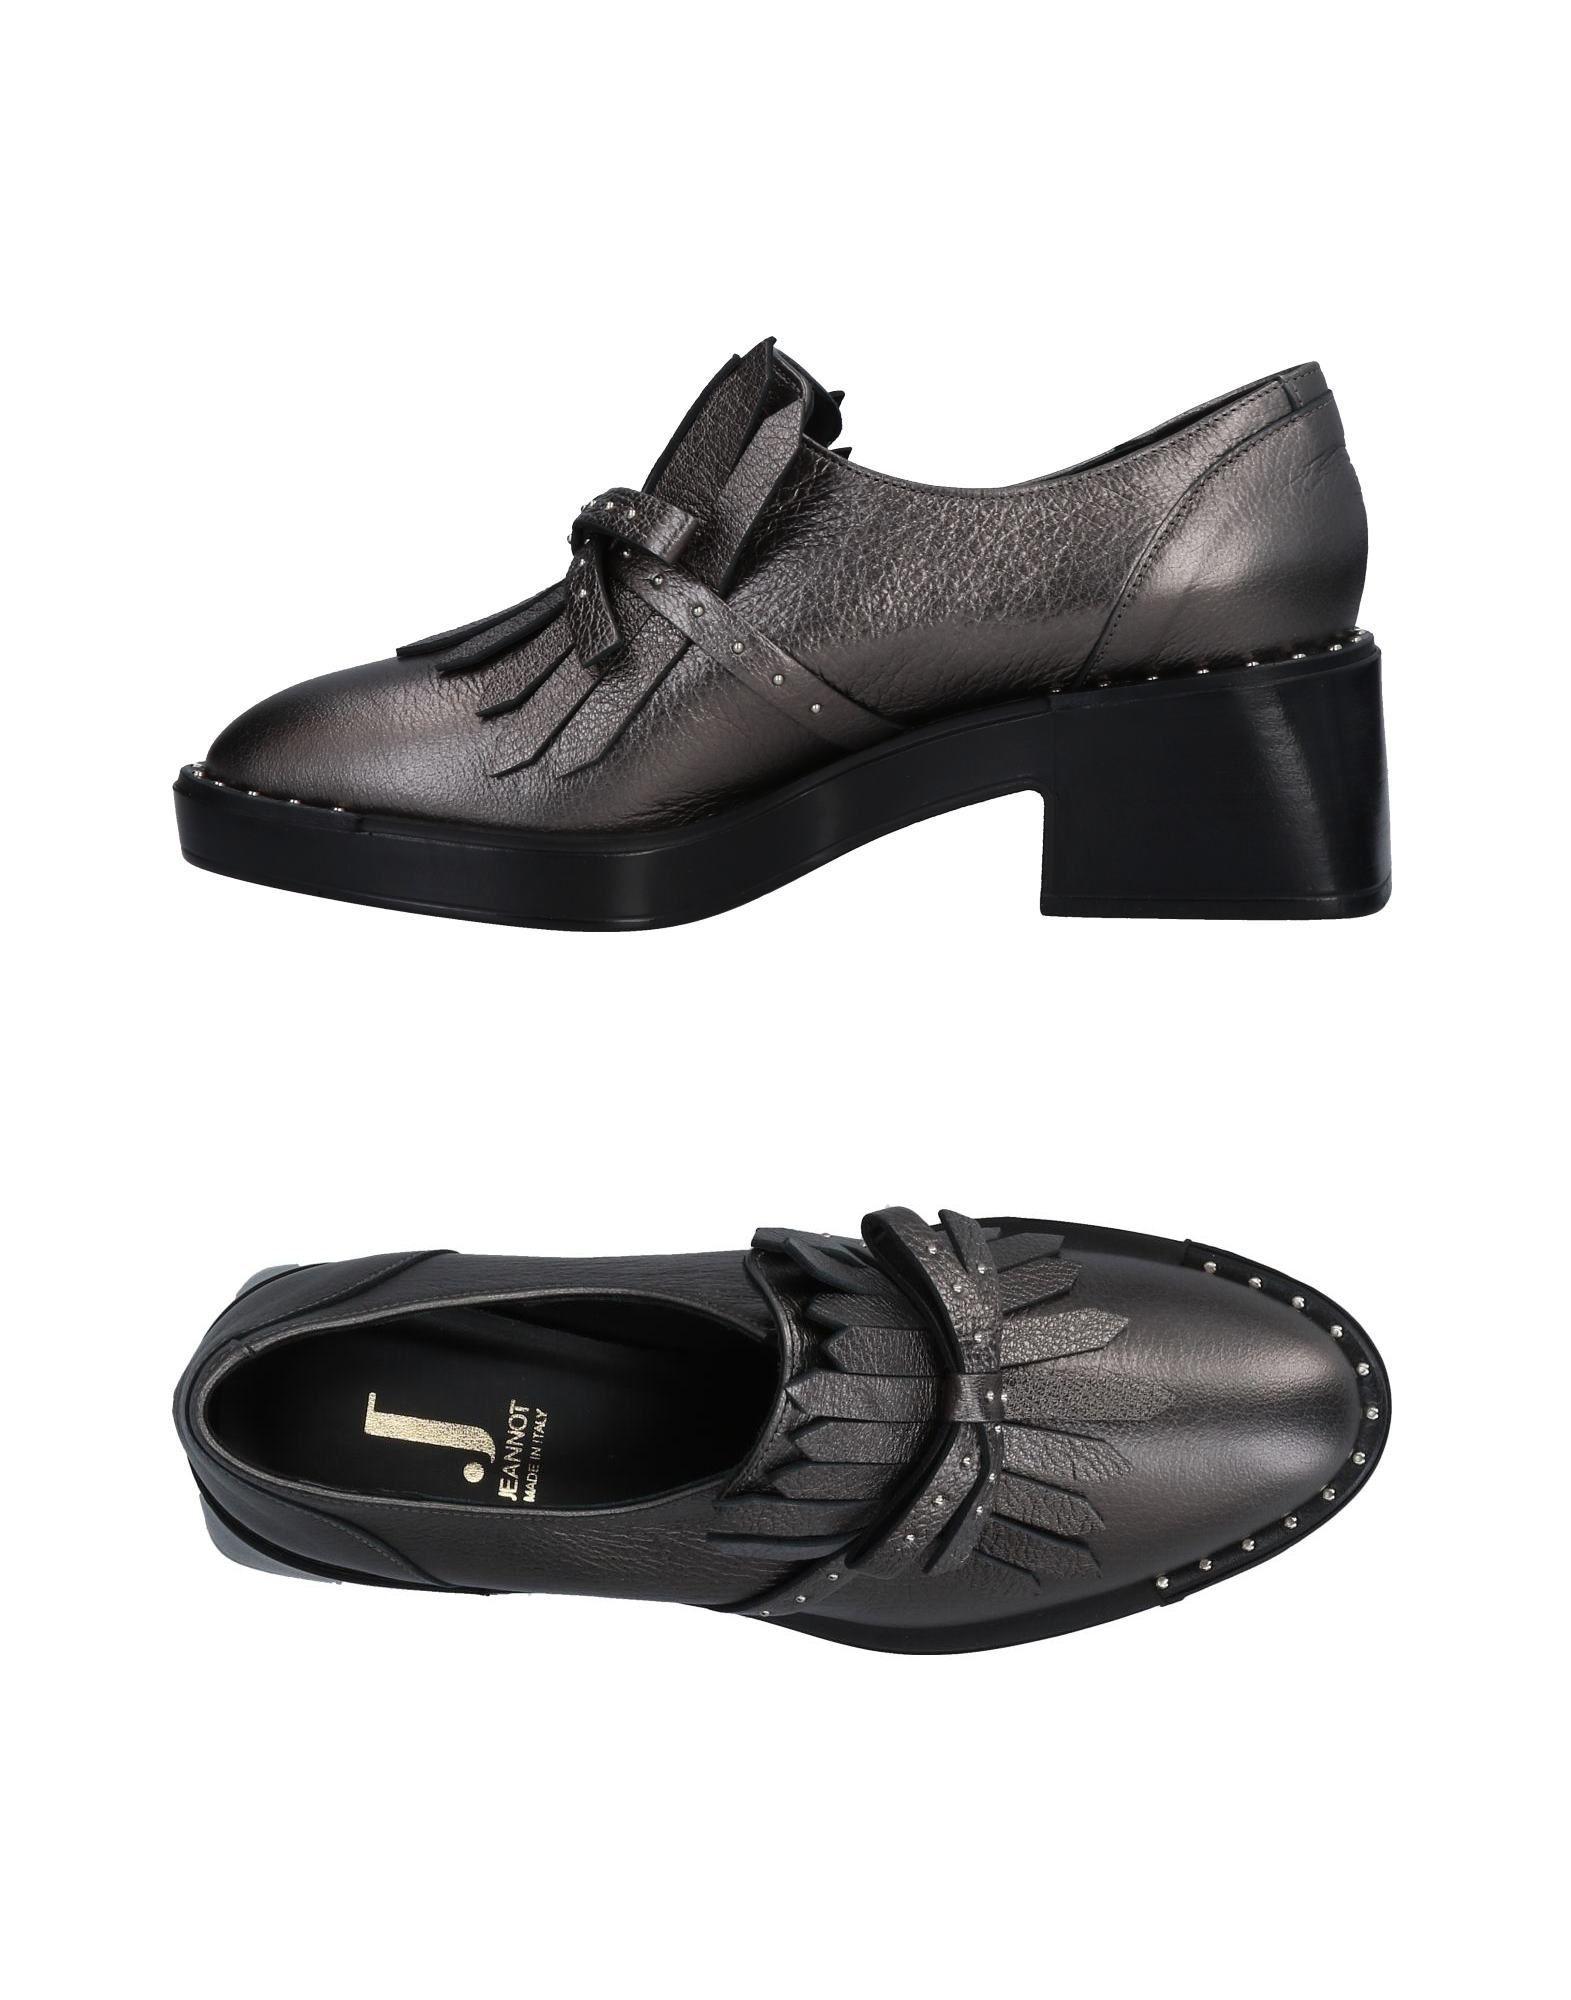 Jeannot Mokassins Damen  11491244XH Gute Qualität beliebte Schuhe